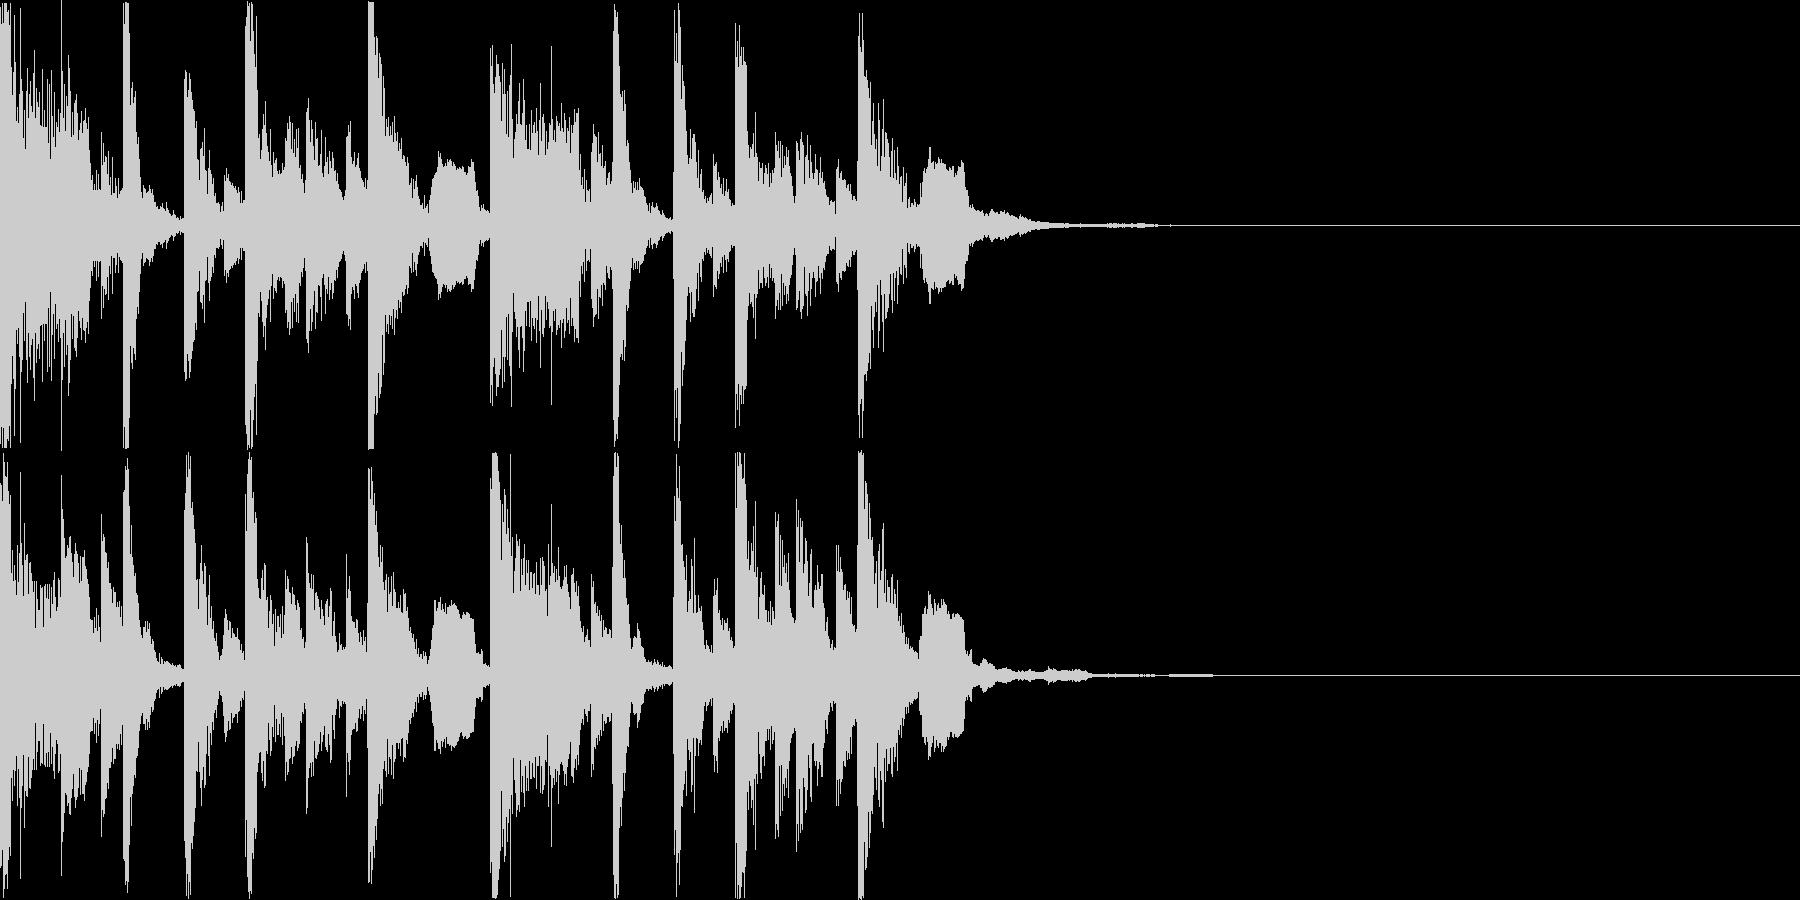 ボーカルチョップのEDMジングルの未再生の波形